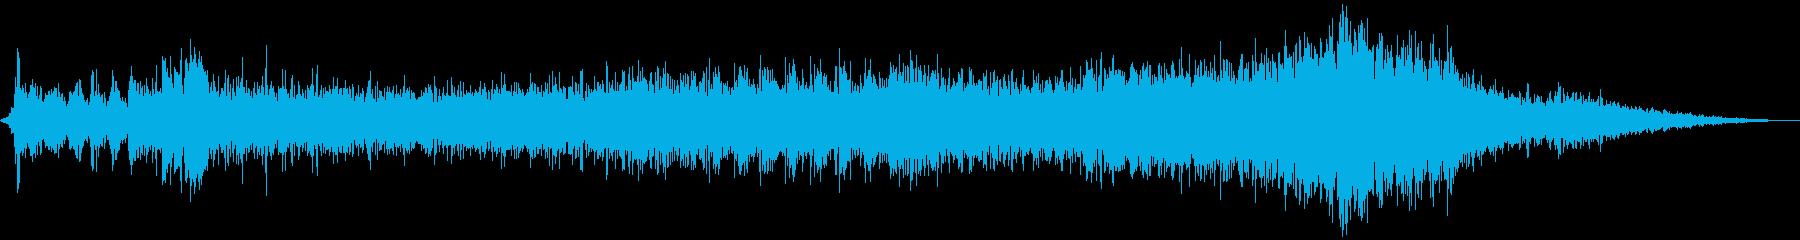 トラクター開始の再生済みの波形